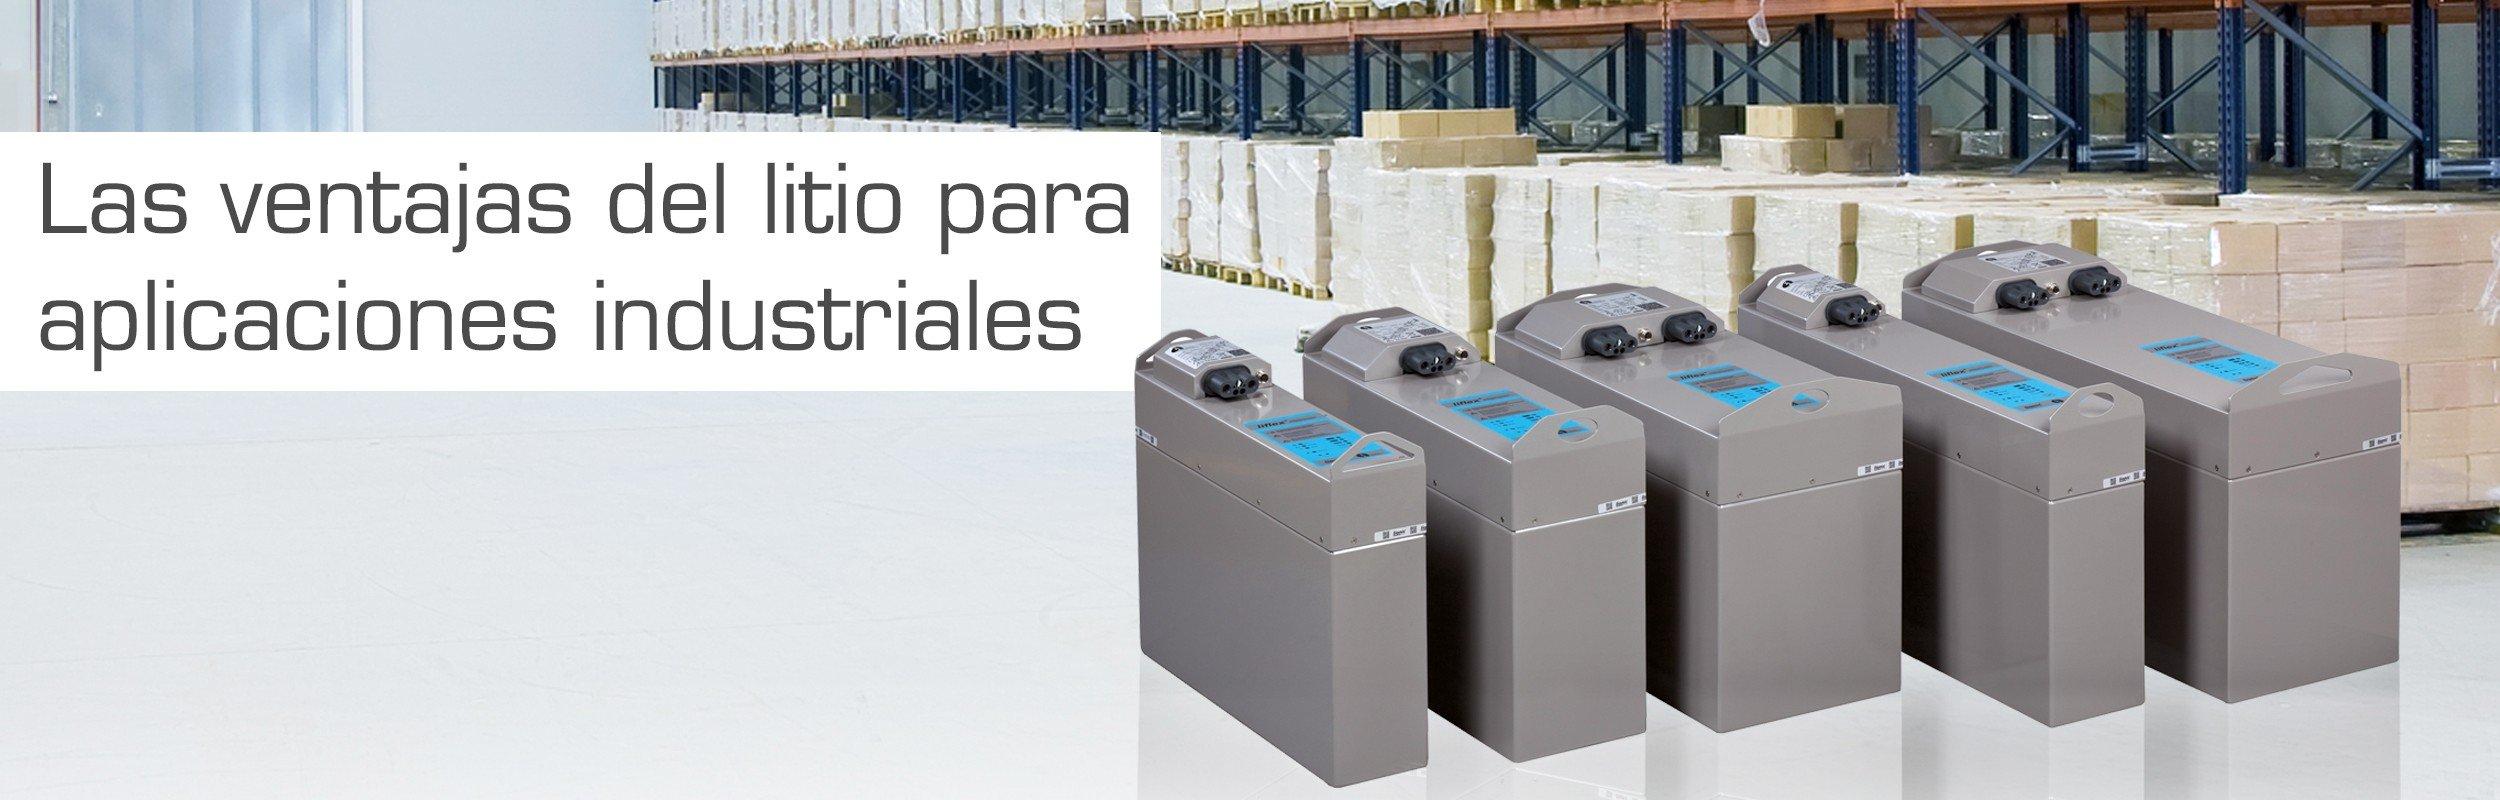 Baterías de litio industriales para carretillas